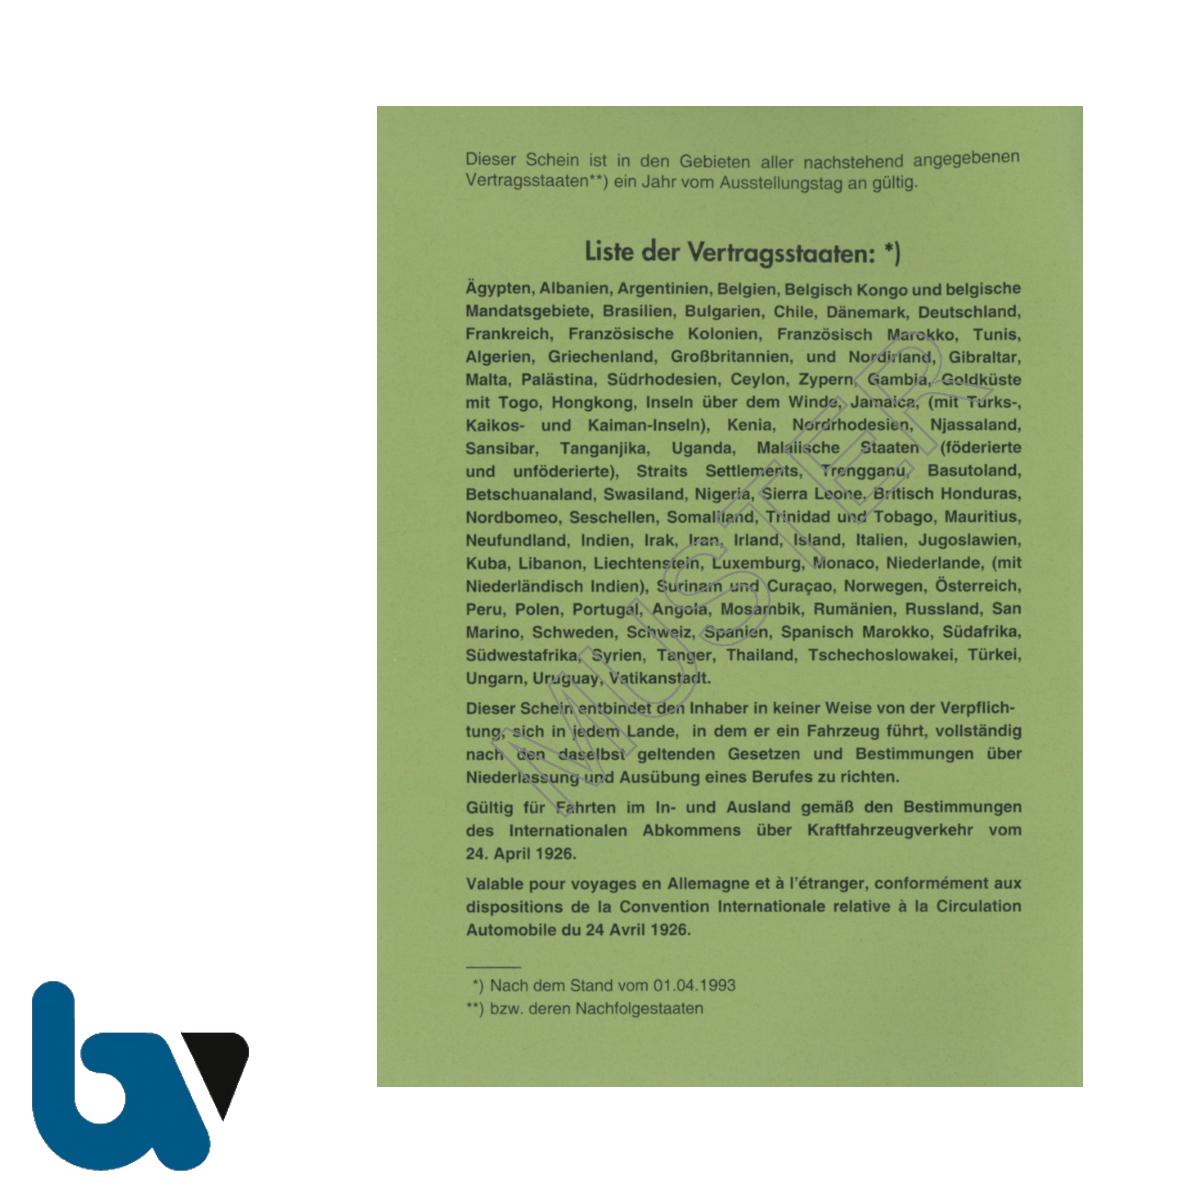 406 Internationaler Zulassungsschein Abkommen 1926 Vertragsstaaten Neobond grün 38 Seiten geheftet DIN A6 Seite 1 | Borgard Verlag GmbH